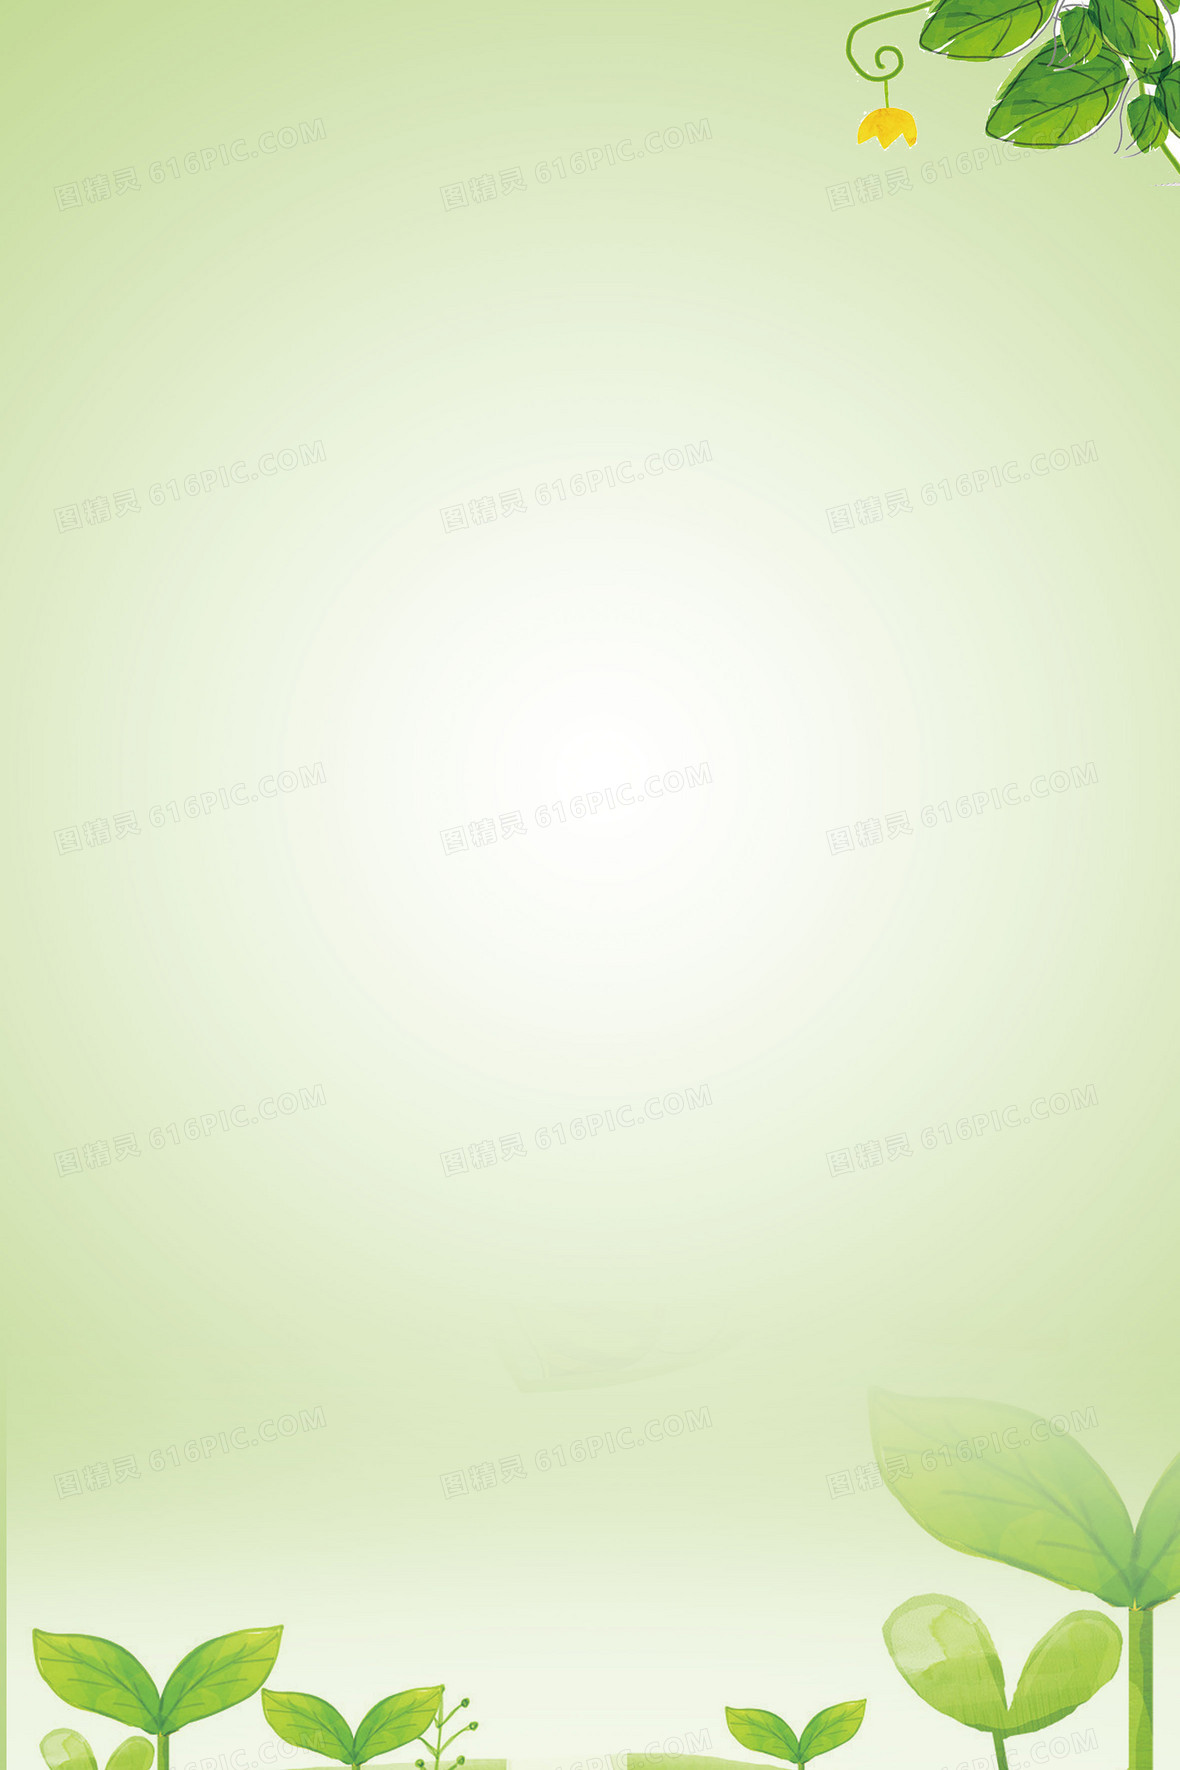 春季养生海报背景素材